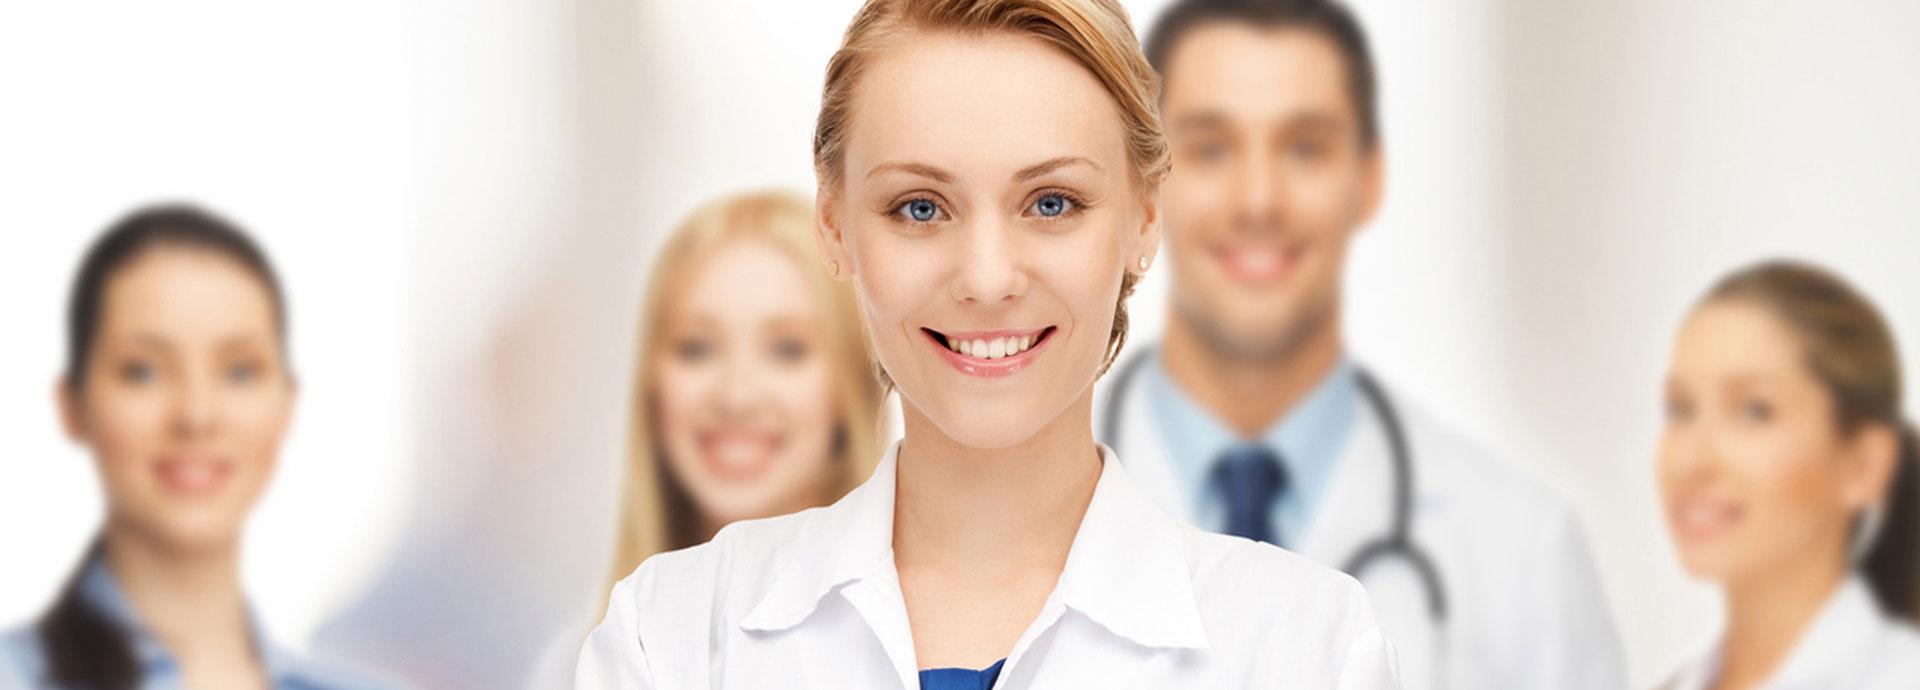 Cotação de Plano de Saúde Online